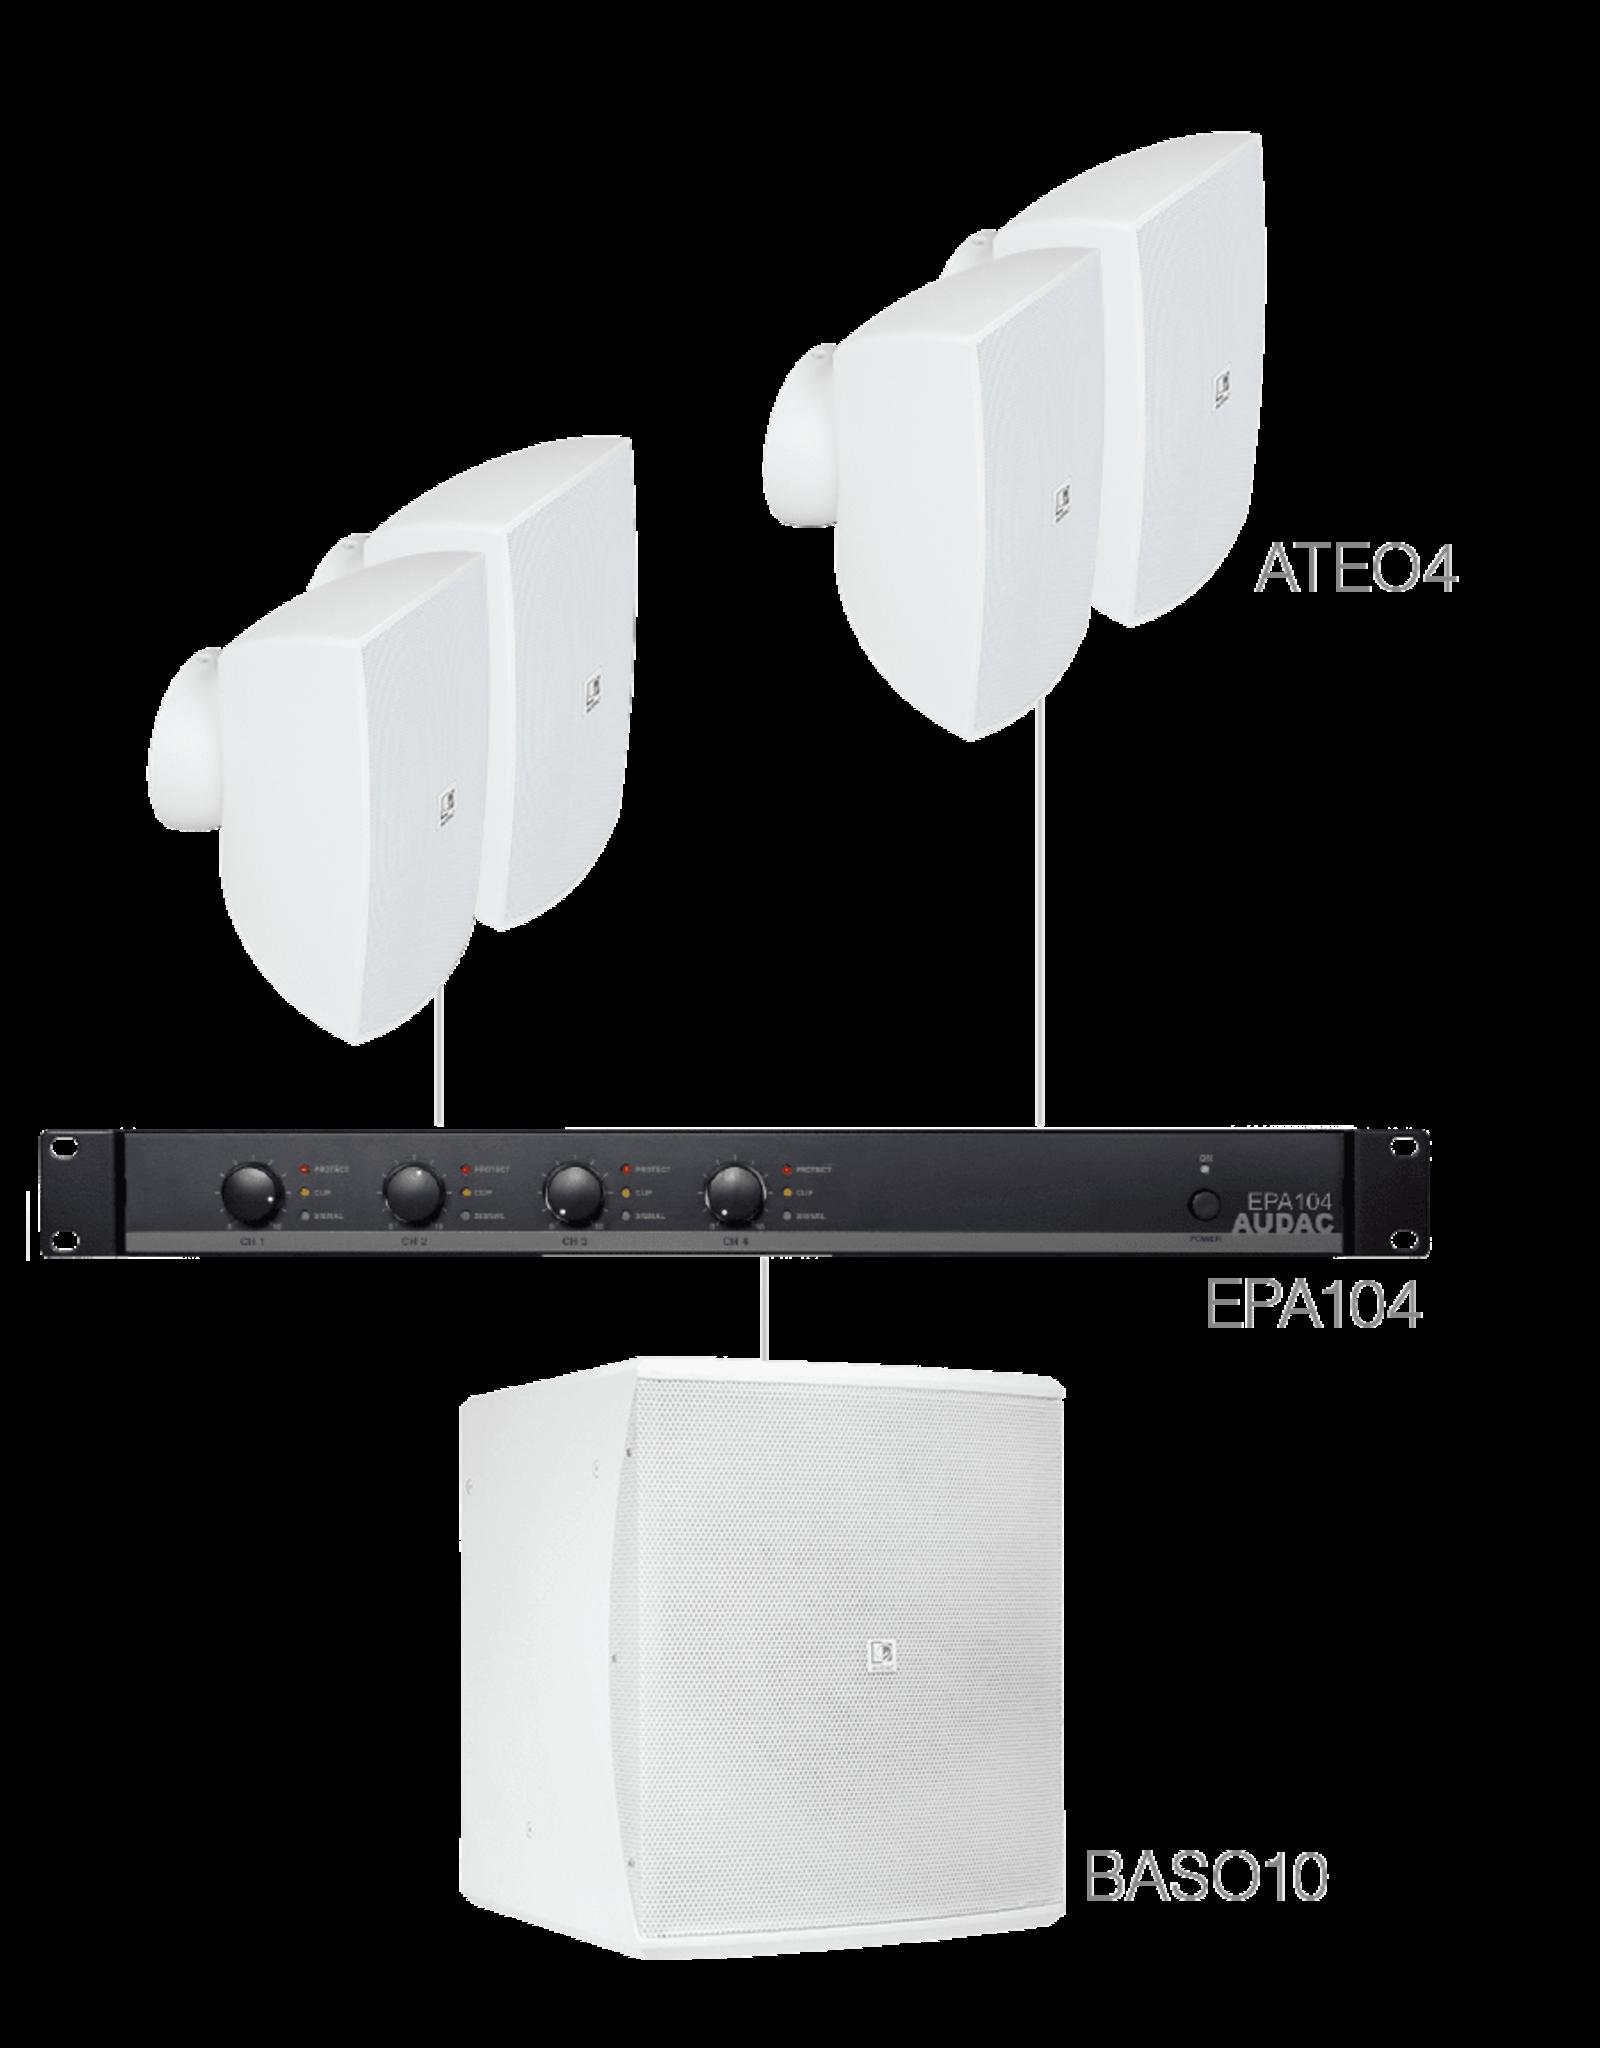 Audac 4 x ATEO4 + BASO10 + EPA104 White